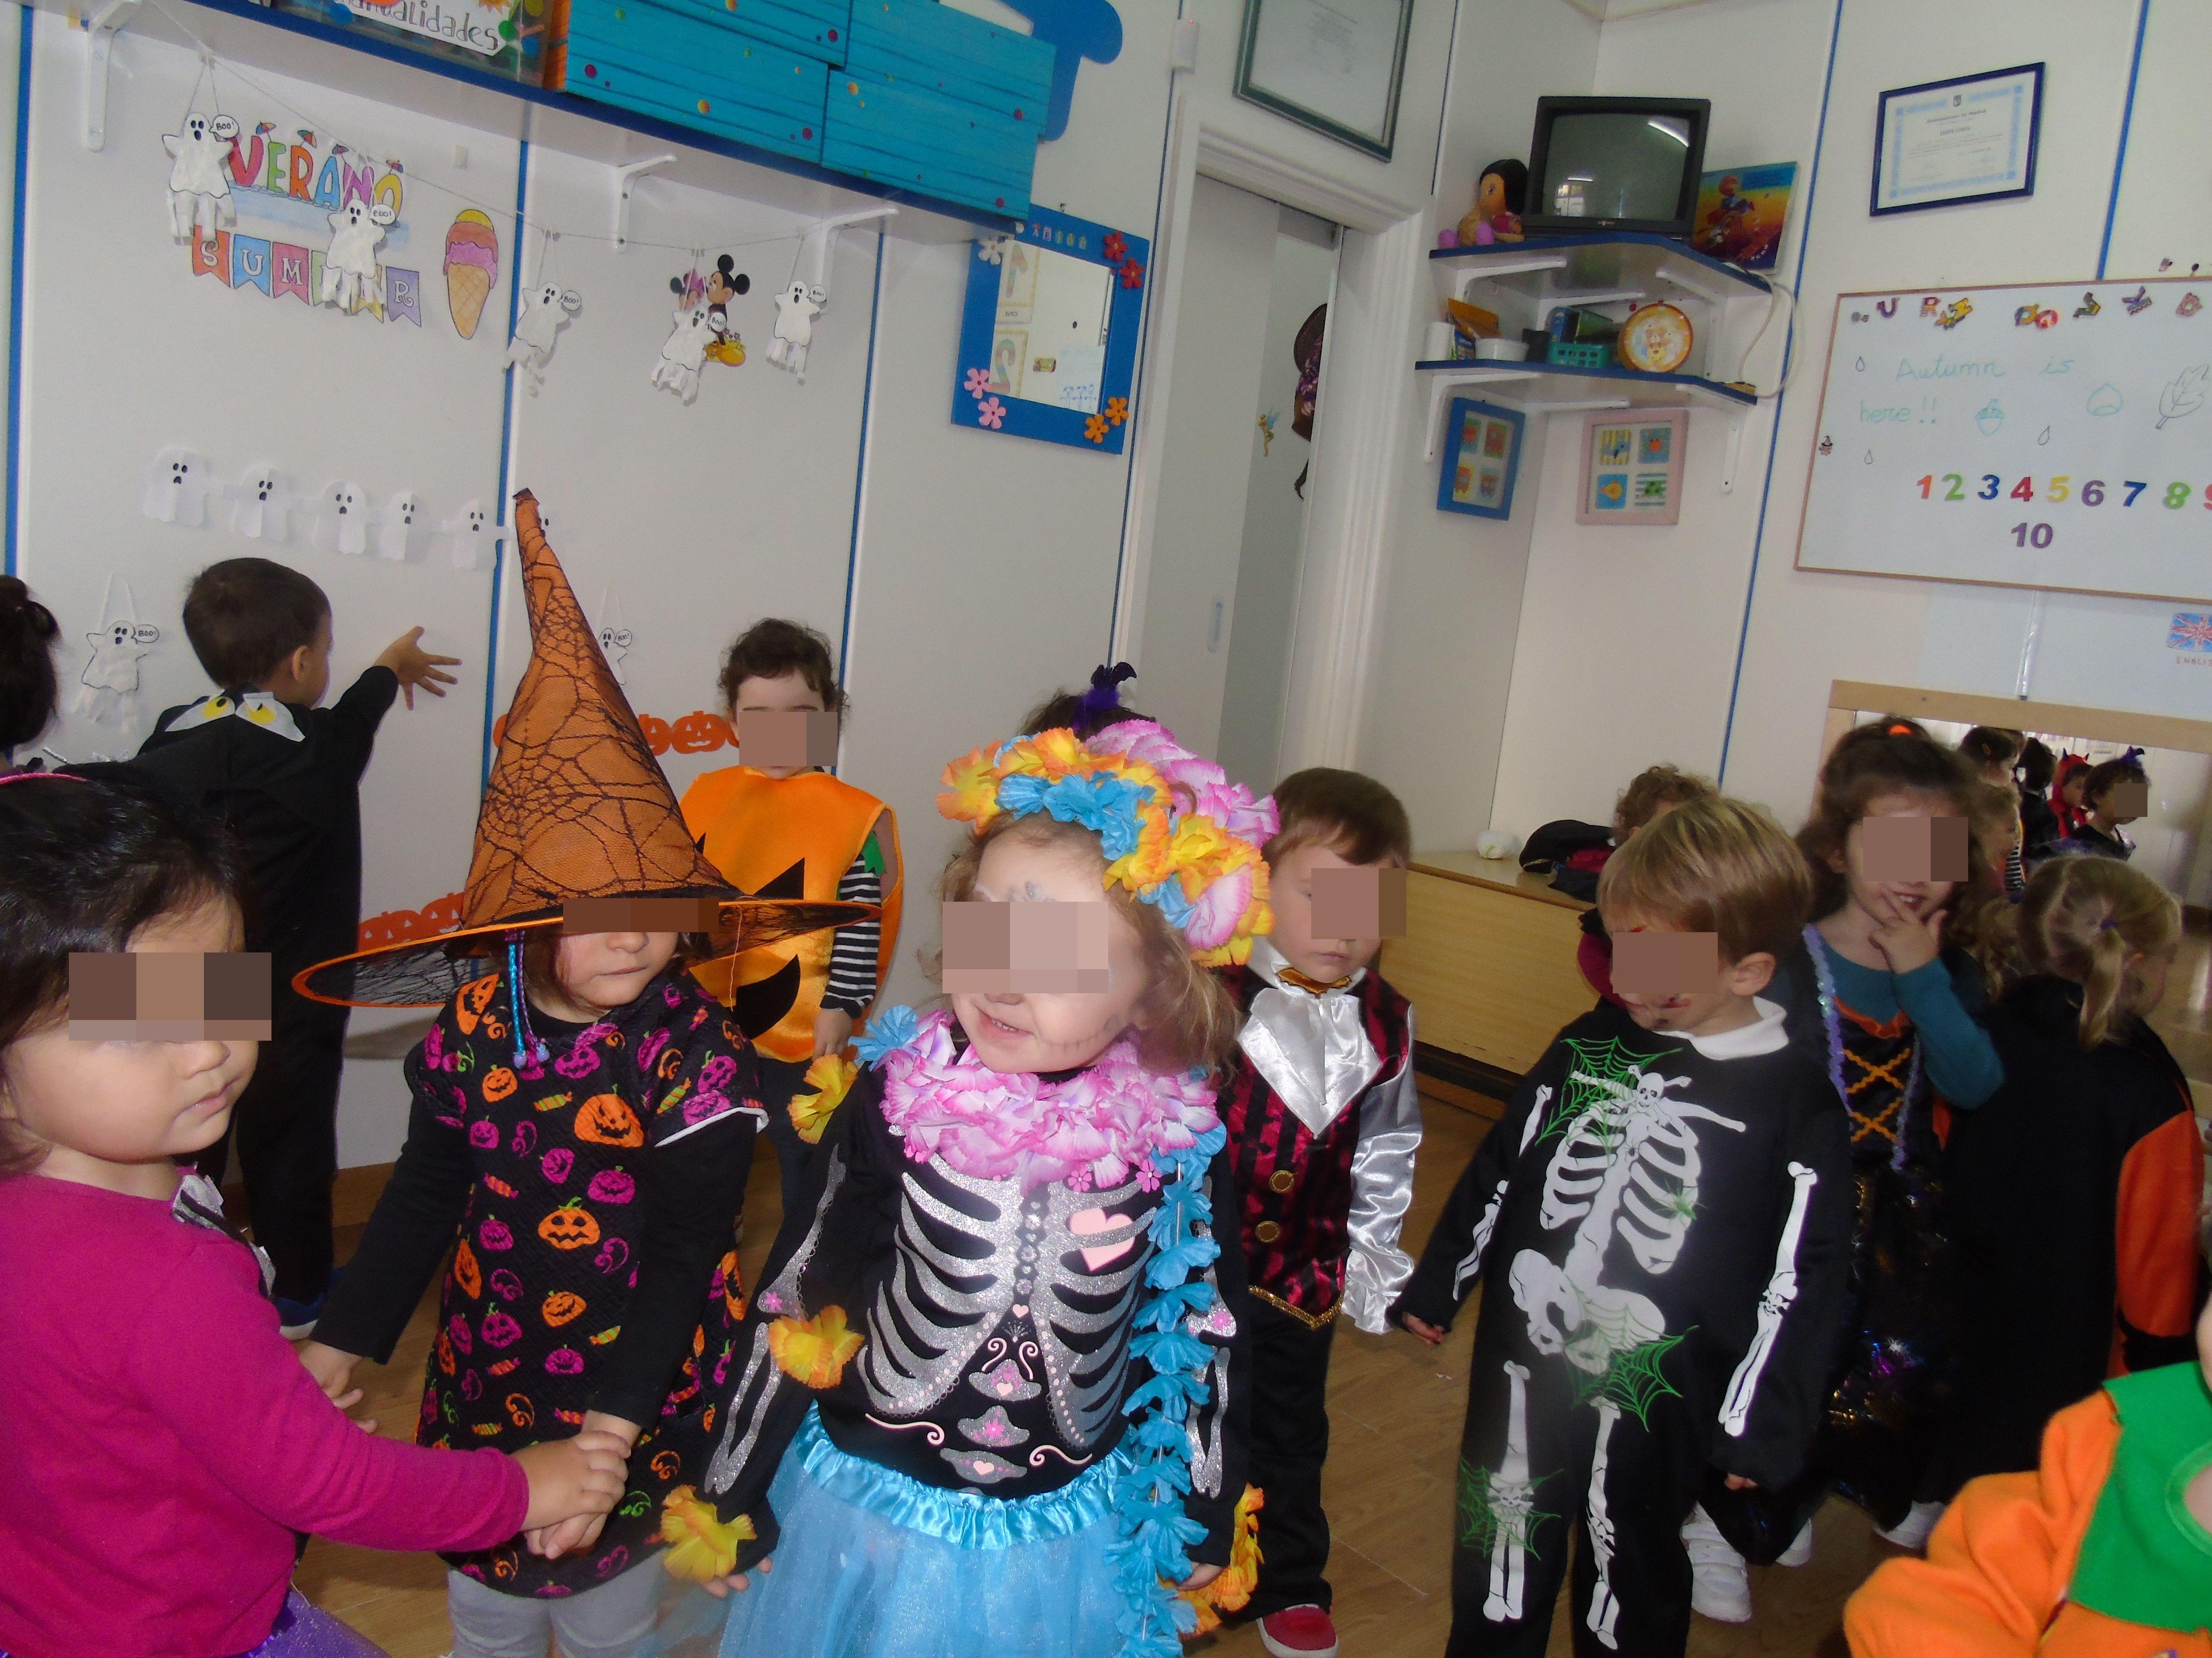 HAPPY HALLOWEEN de parte de la Escuela Infantil Centro Vida de Moratalaz